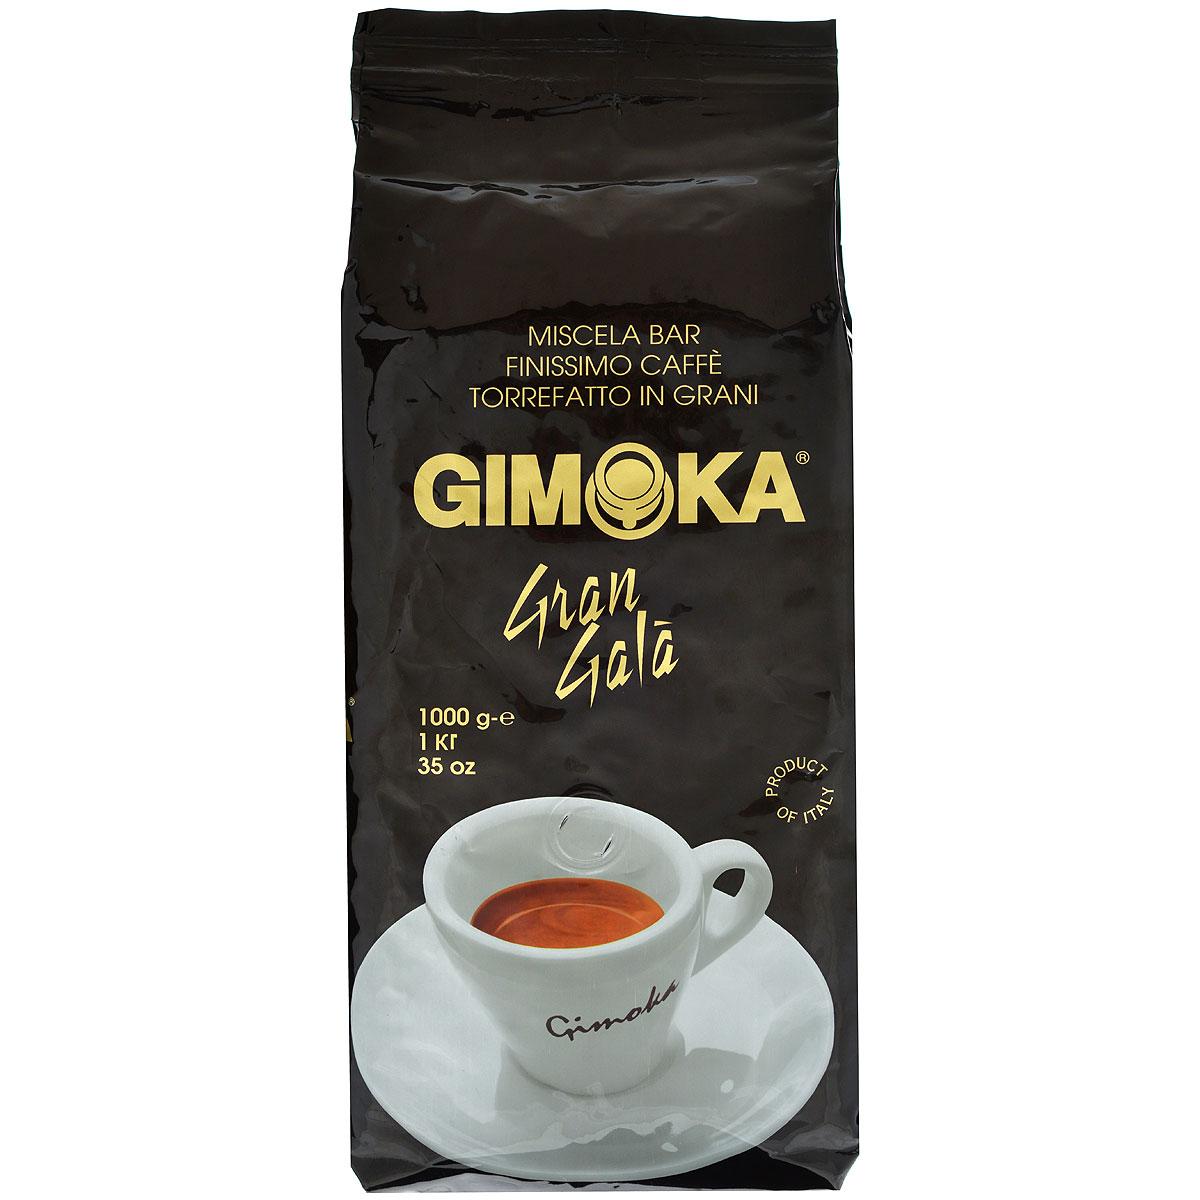 Gimoka Nero Gran Gala кофе в зернах, 1 кг стоимость